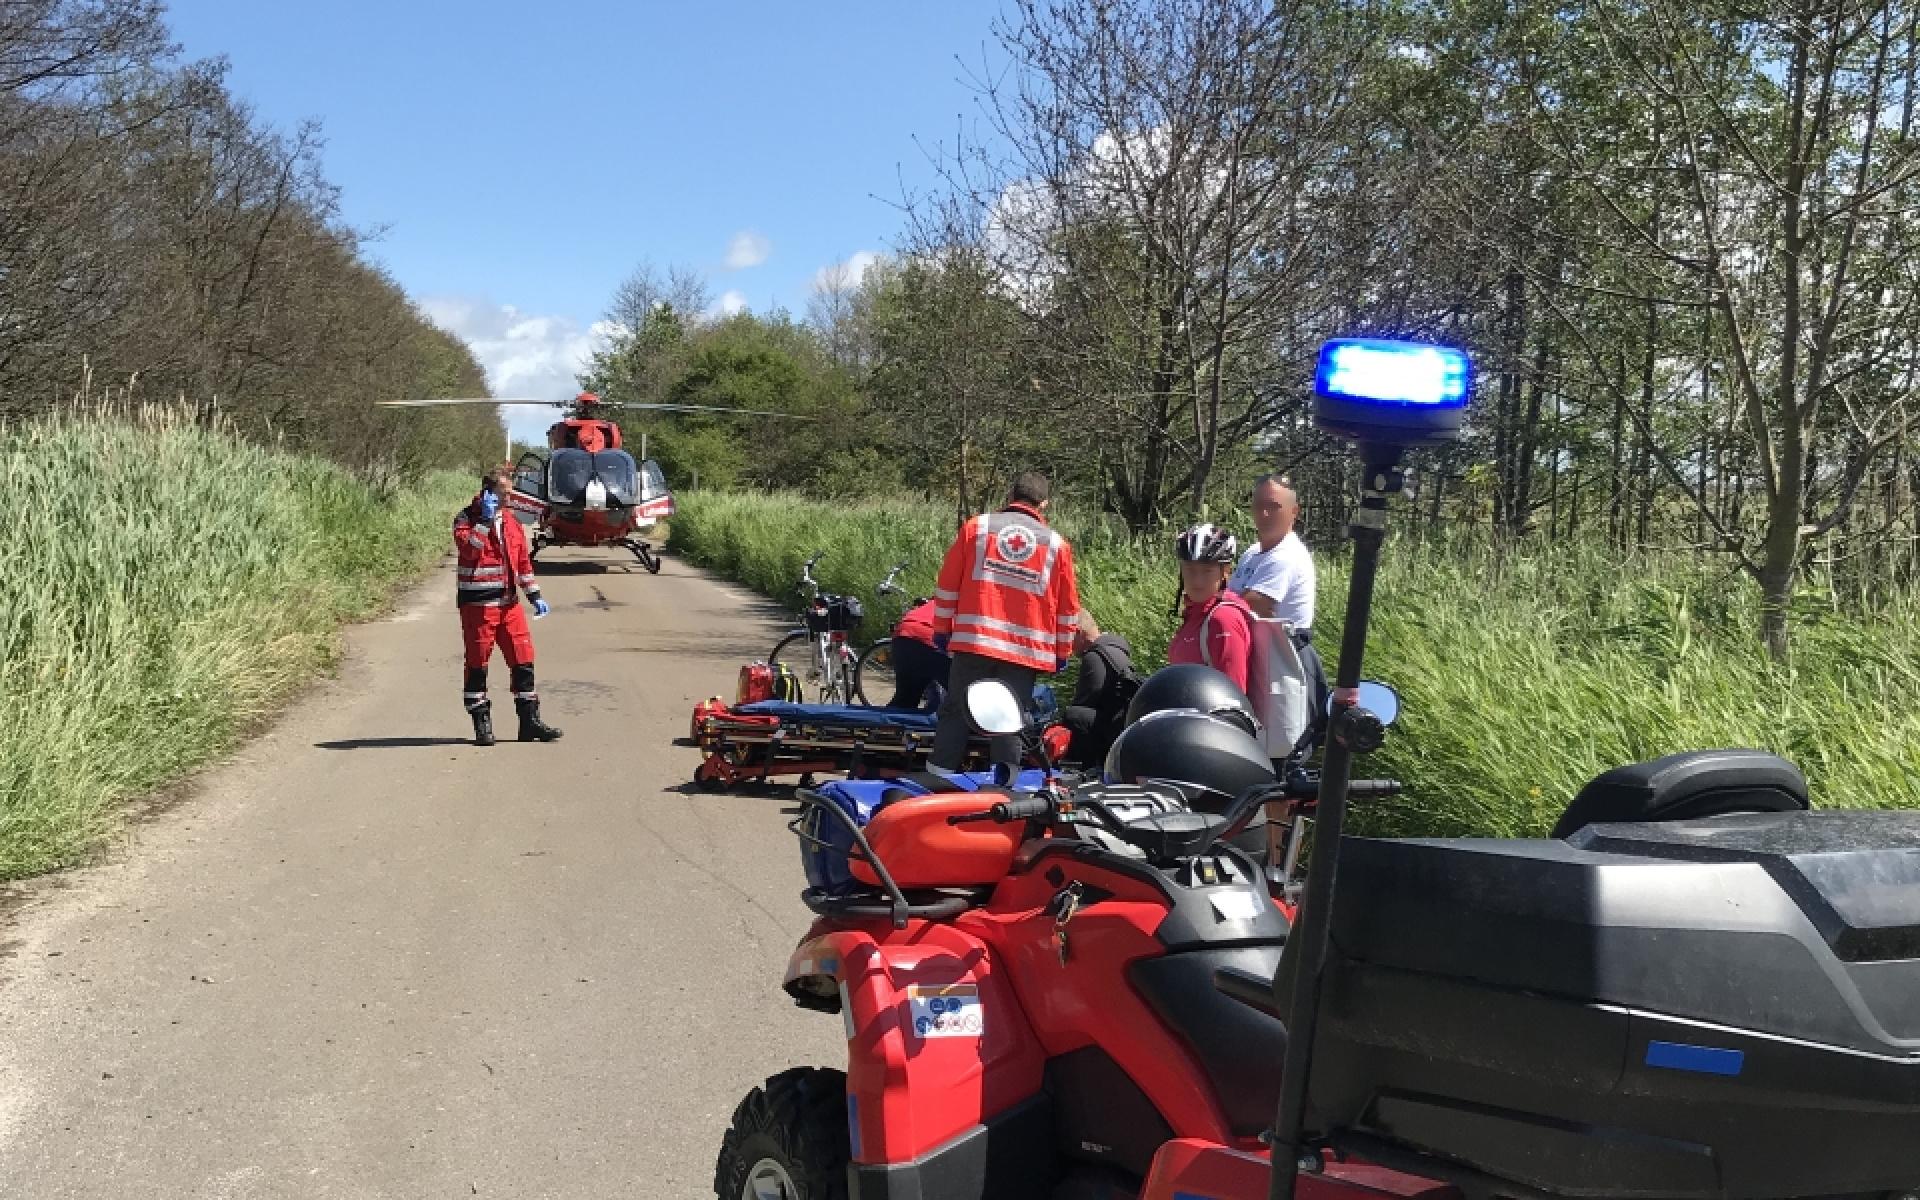 Christoph 47 der DRF Luftrettung steht auf einem Fahrradweg während eine gestürzte Radfahrerin versorgt wird.